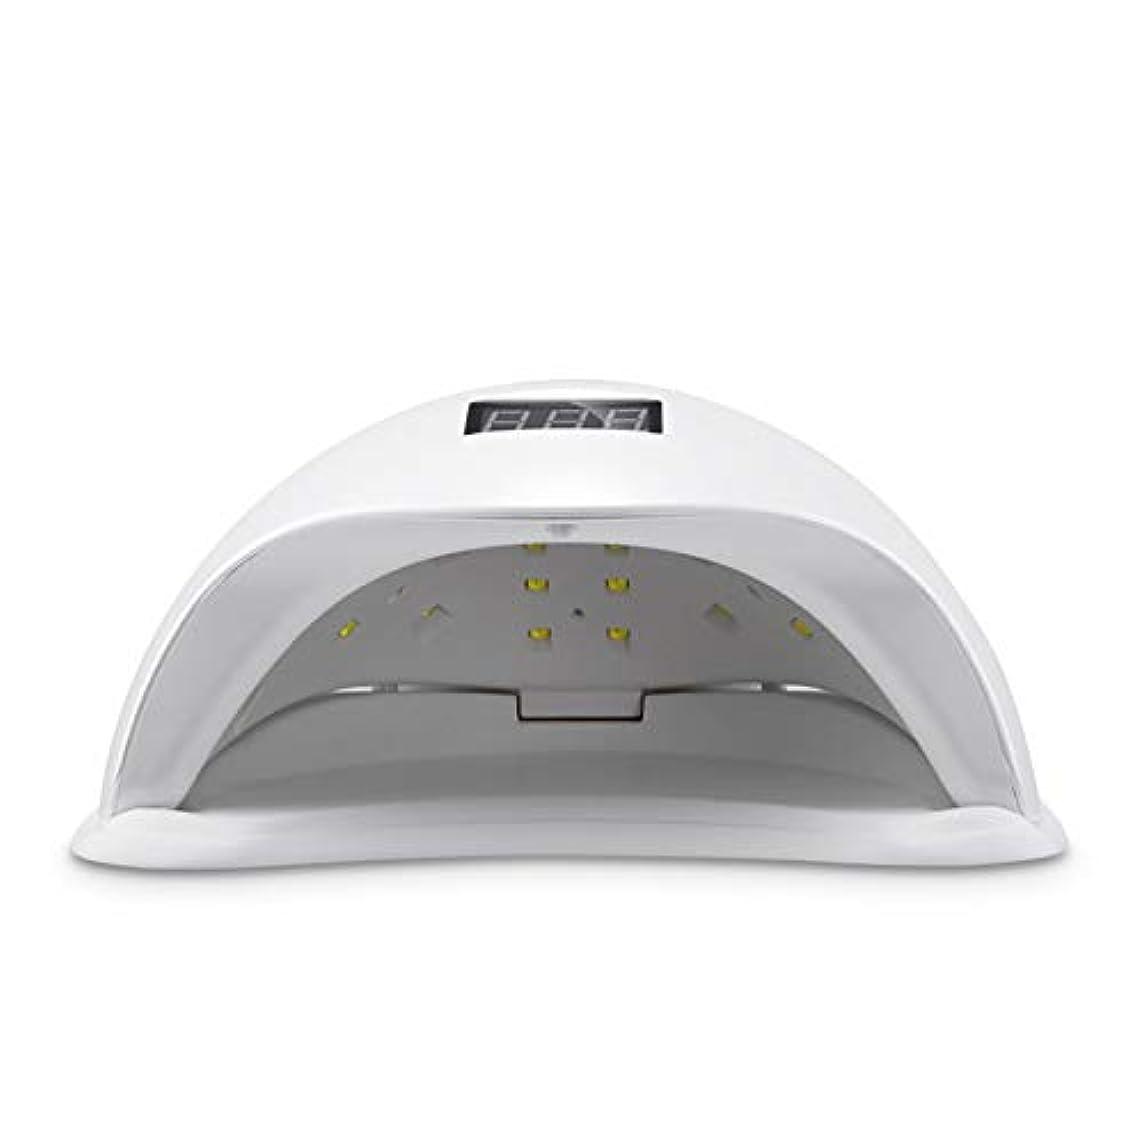 罰する暗黙ハリウッドUVネイルランプ、ネイルドライヤー速乾LED UVネイルドライヤー、4タイマー設定